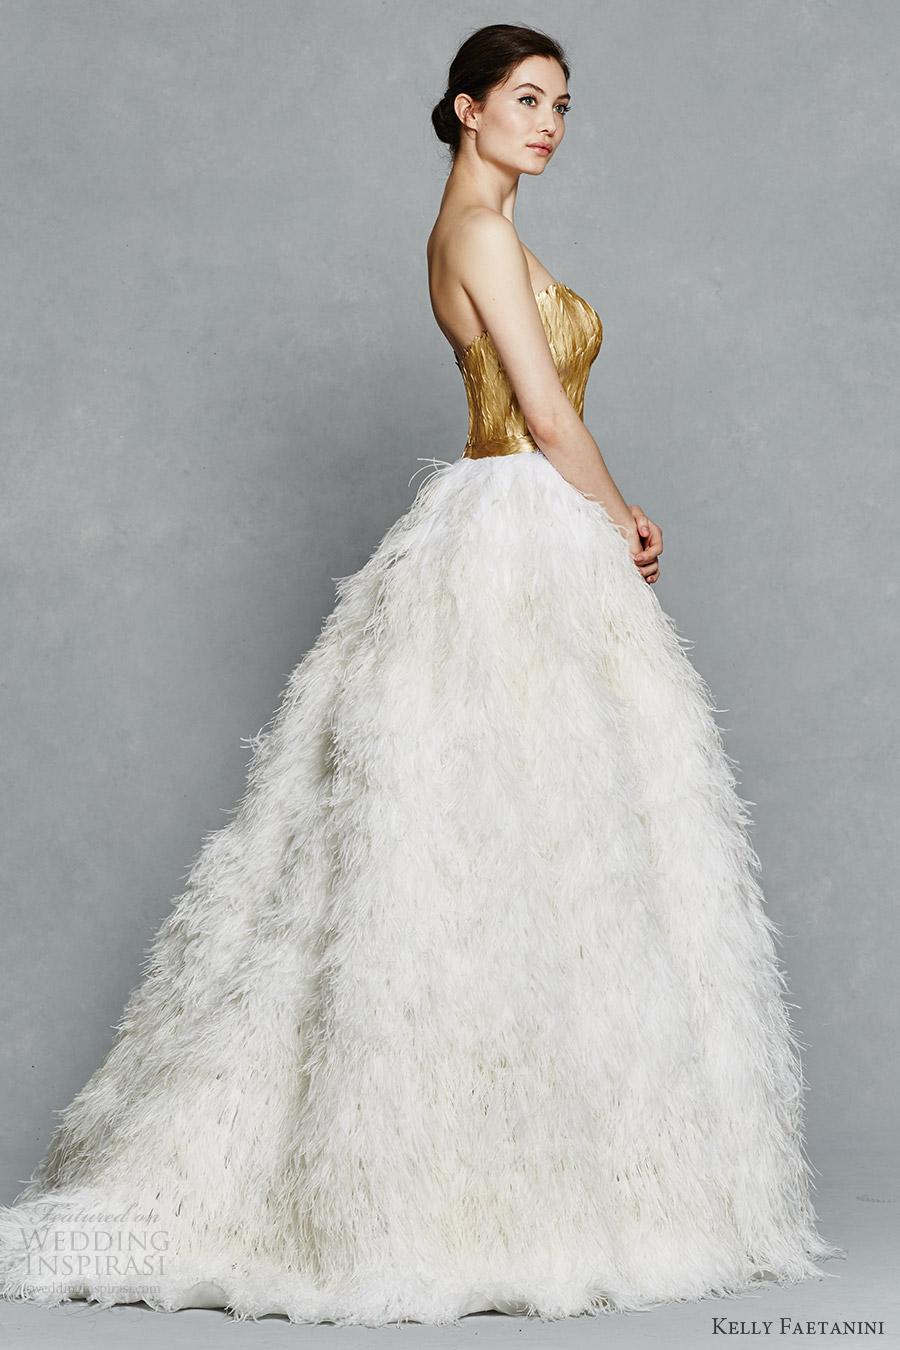 amazing black and white feather wedding dresses feathered wedding dress White Feather Wedding Dresses 2 Amazing Black and White Feather Wedding Dresses White Feather Wedding Dresses